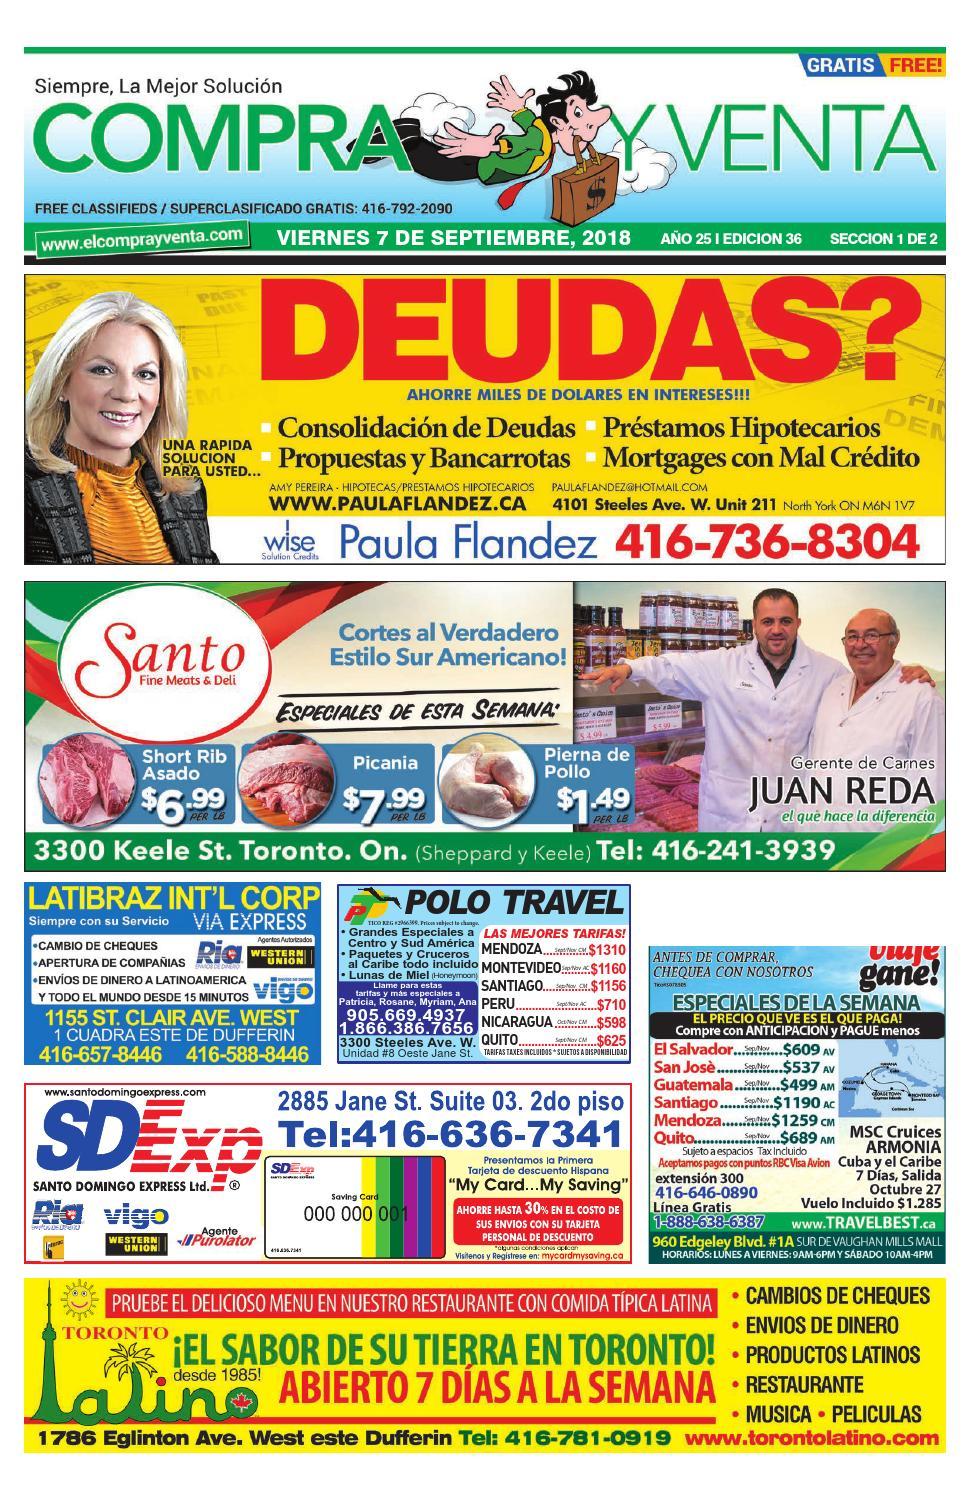 Compra y Venta Edicion  36. 2018 by elcomprayventa - issuu 3761729f669